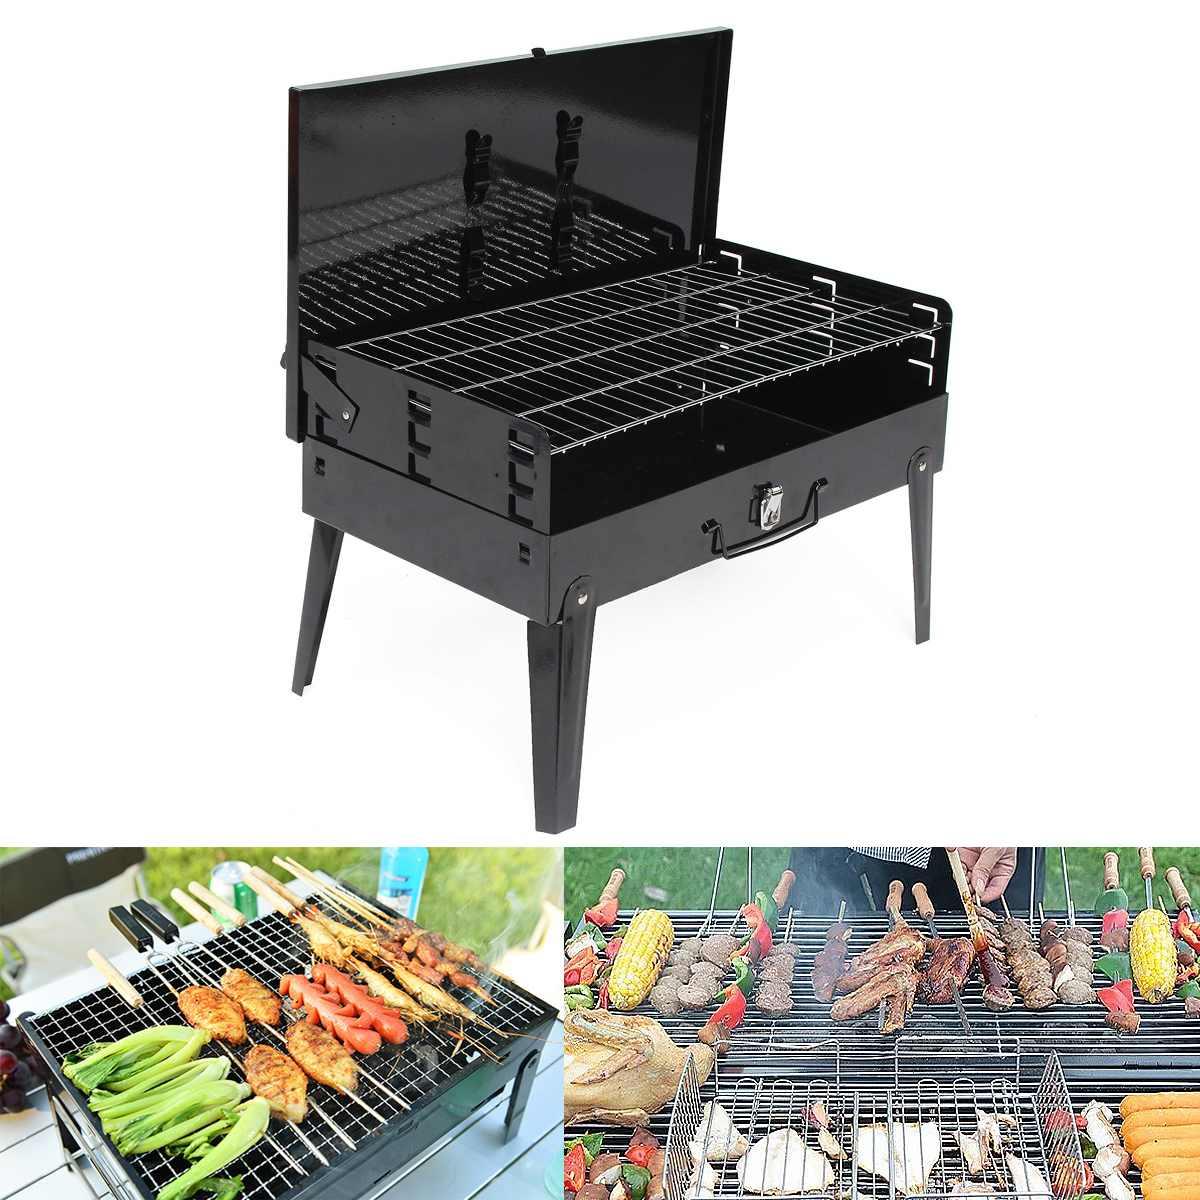 3-5 personne Portable Barbecue Barbecue grilles brûleur four extérieur jardin charbon de bois Barbecue Patio fête cuisson pliable pique-nique